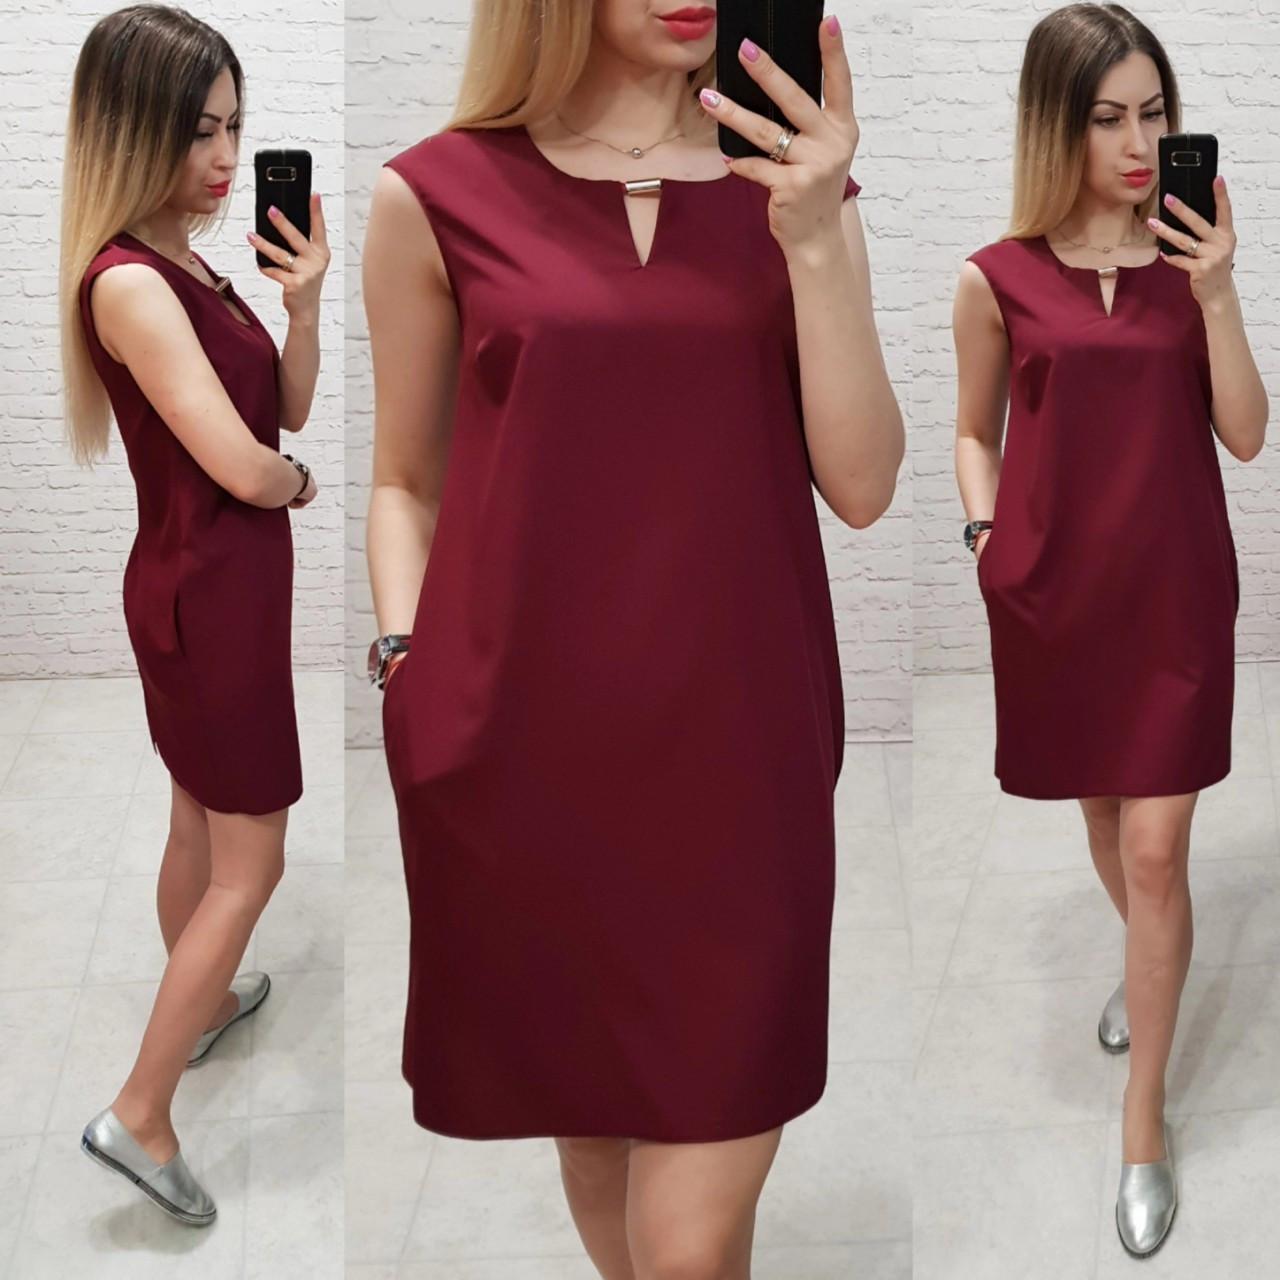 Платье нарядное (747/1) вишня / вишнёвое / бордовое / марсала